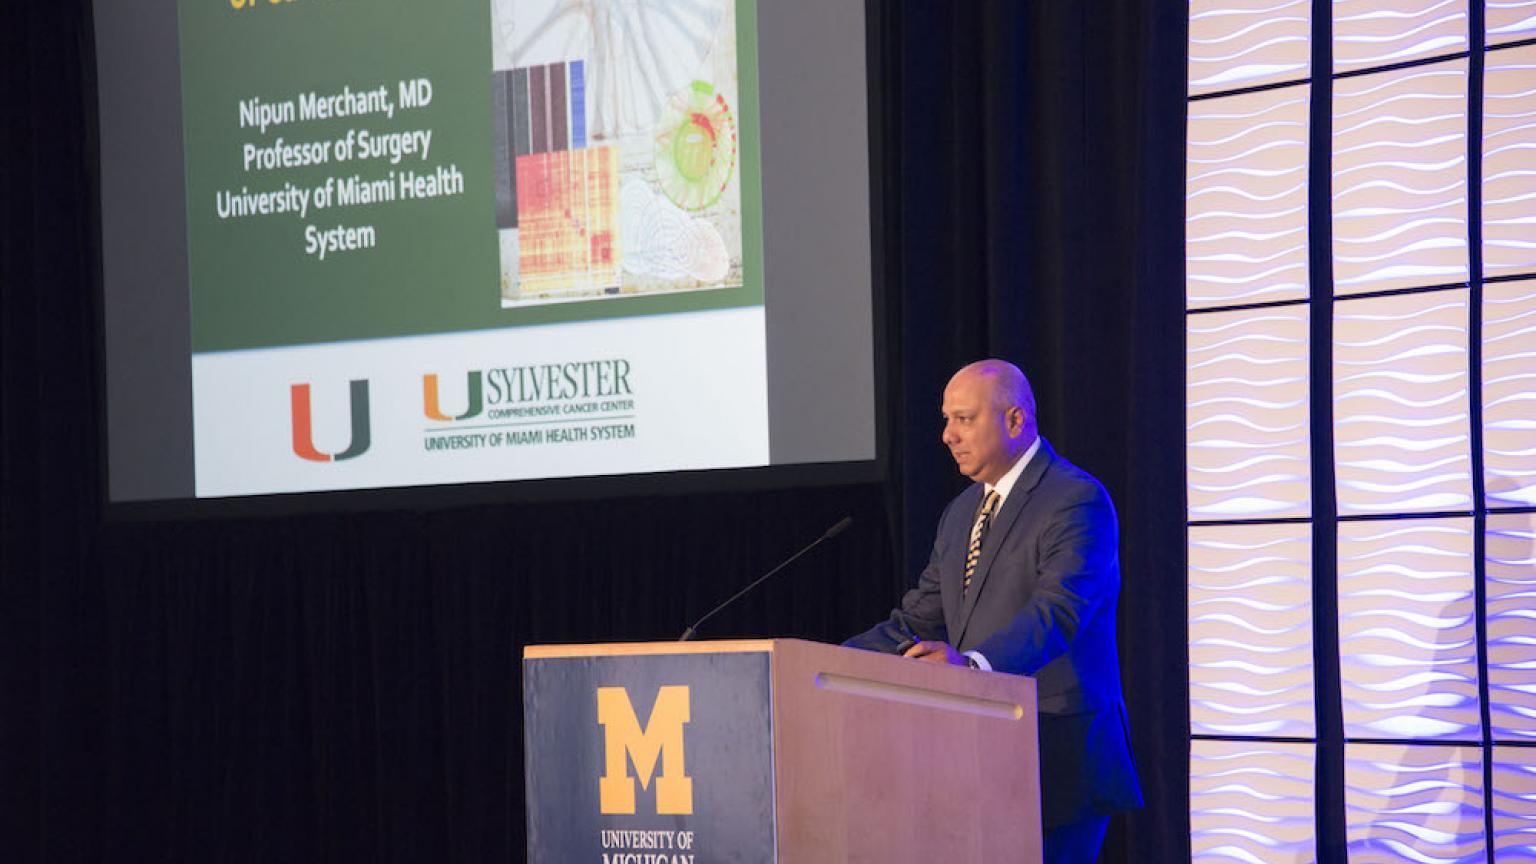 Nipun B. Merchant, MD at Moses Gunn 2019